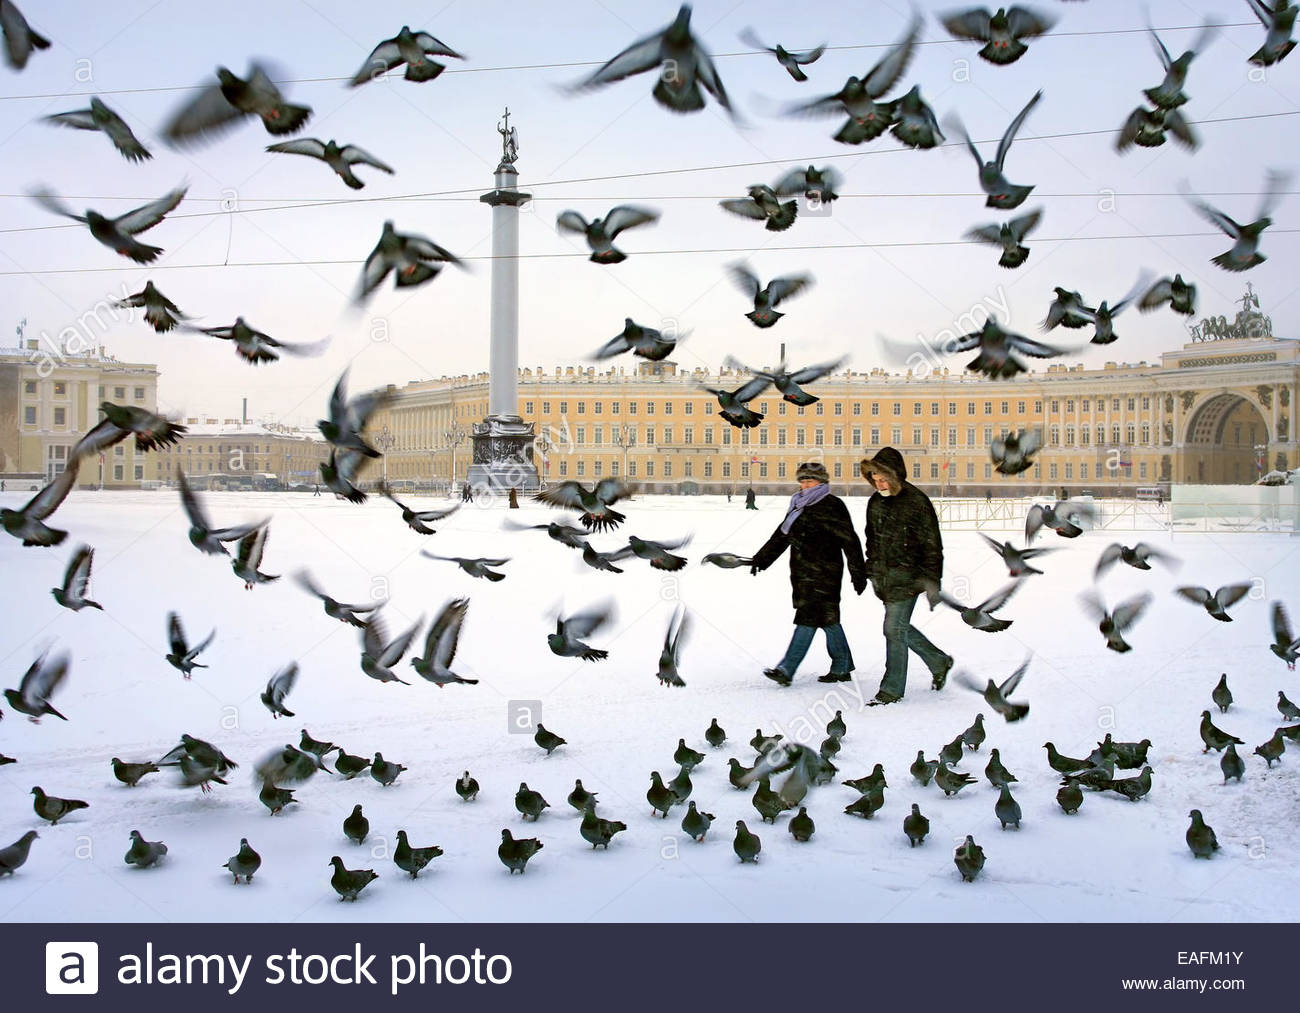 Las aves en la plaza del palacio, Alexander Columna. San Petersburgo, Rusia. Imagen De Stock